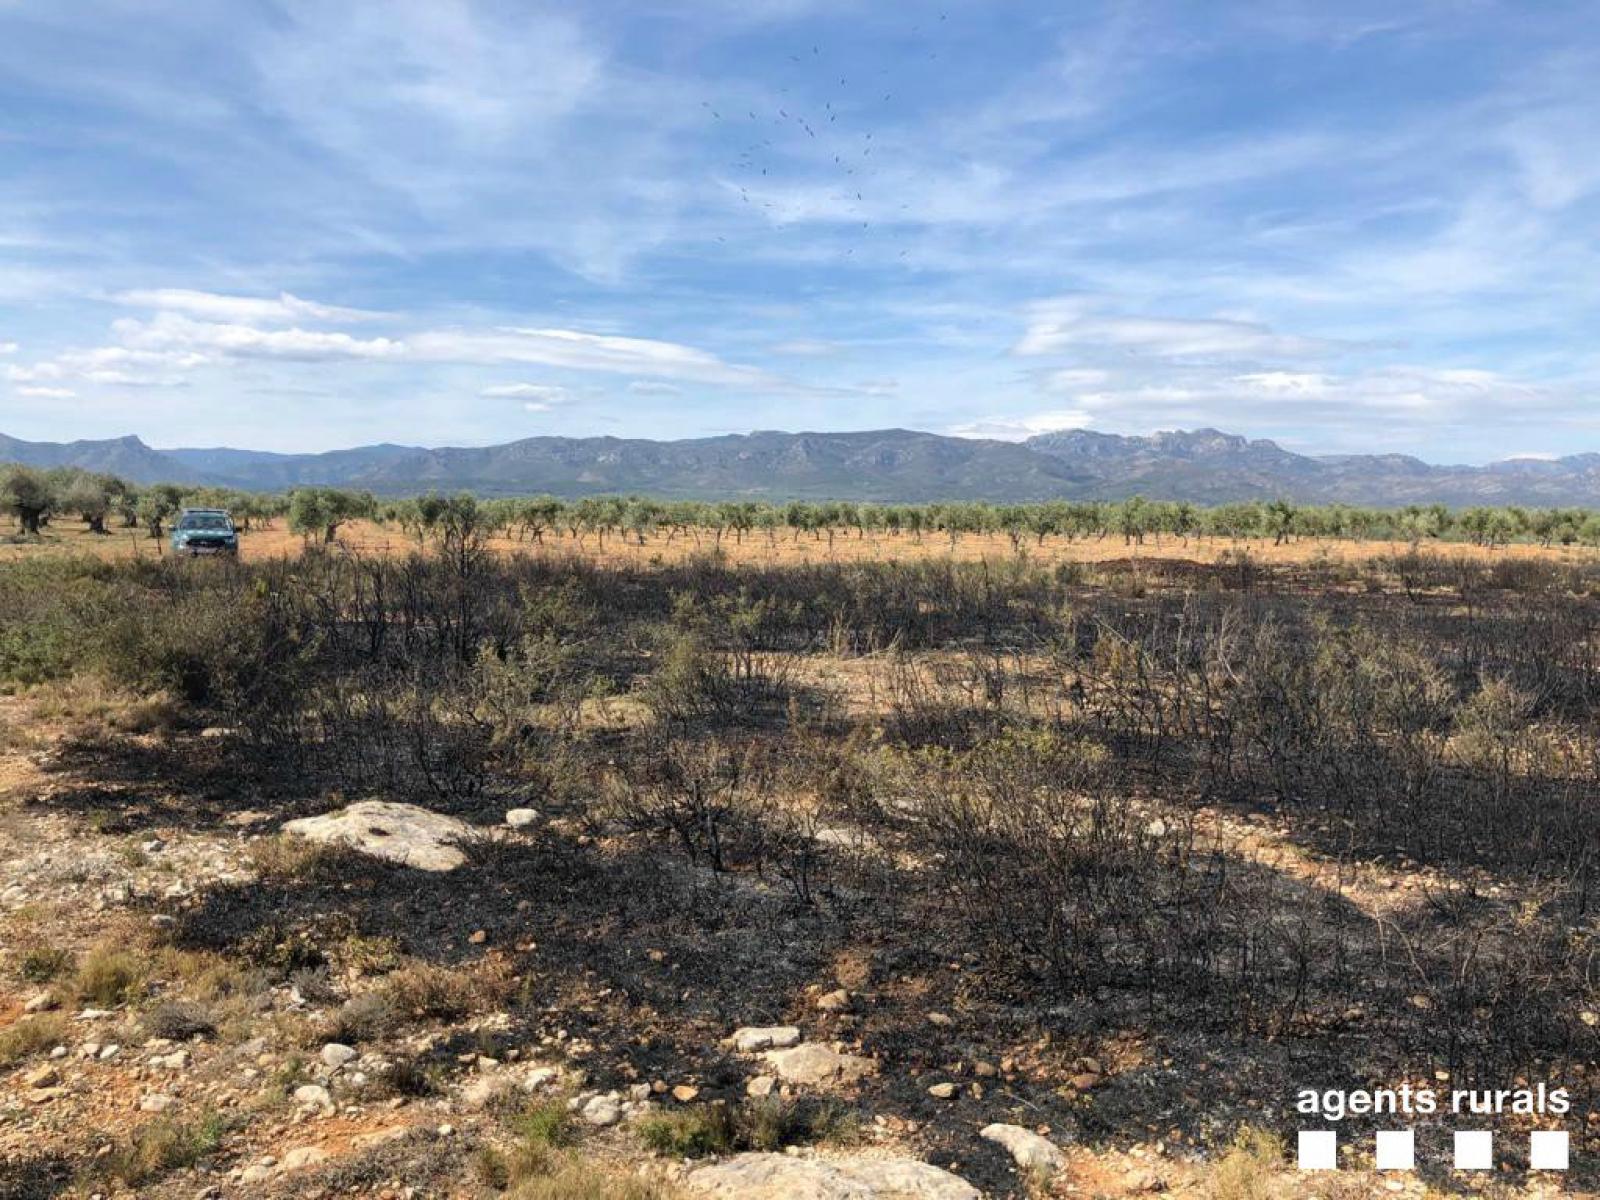 Les restes de l'incendi causat per l'electrocució d'uns voltors a prop d'una granja porcina del Montsià